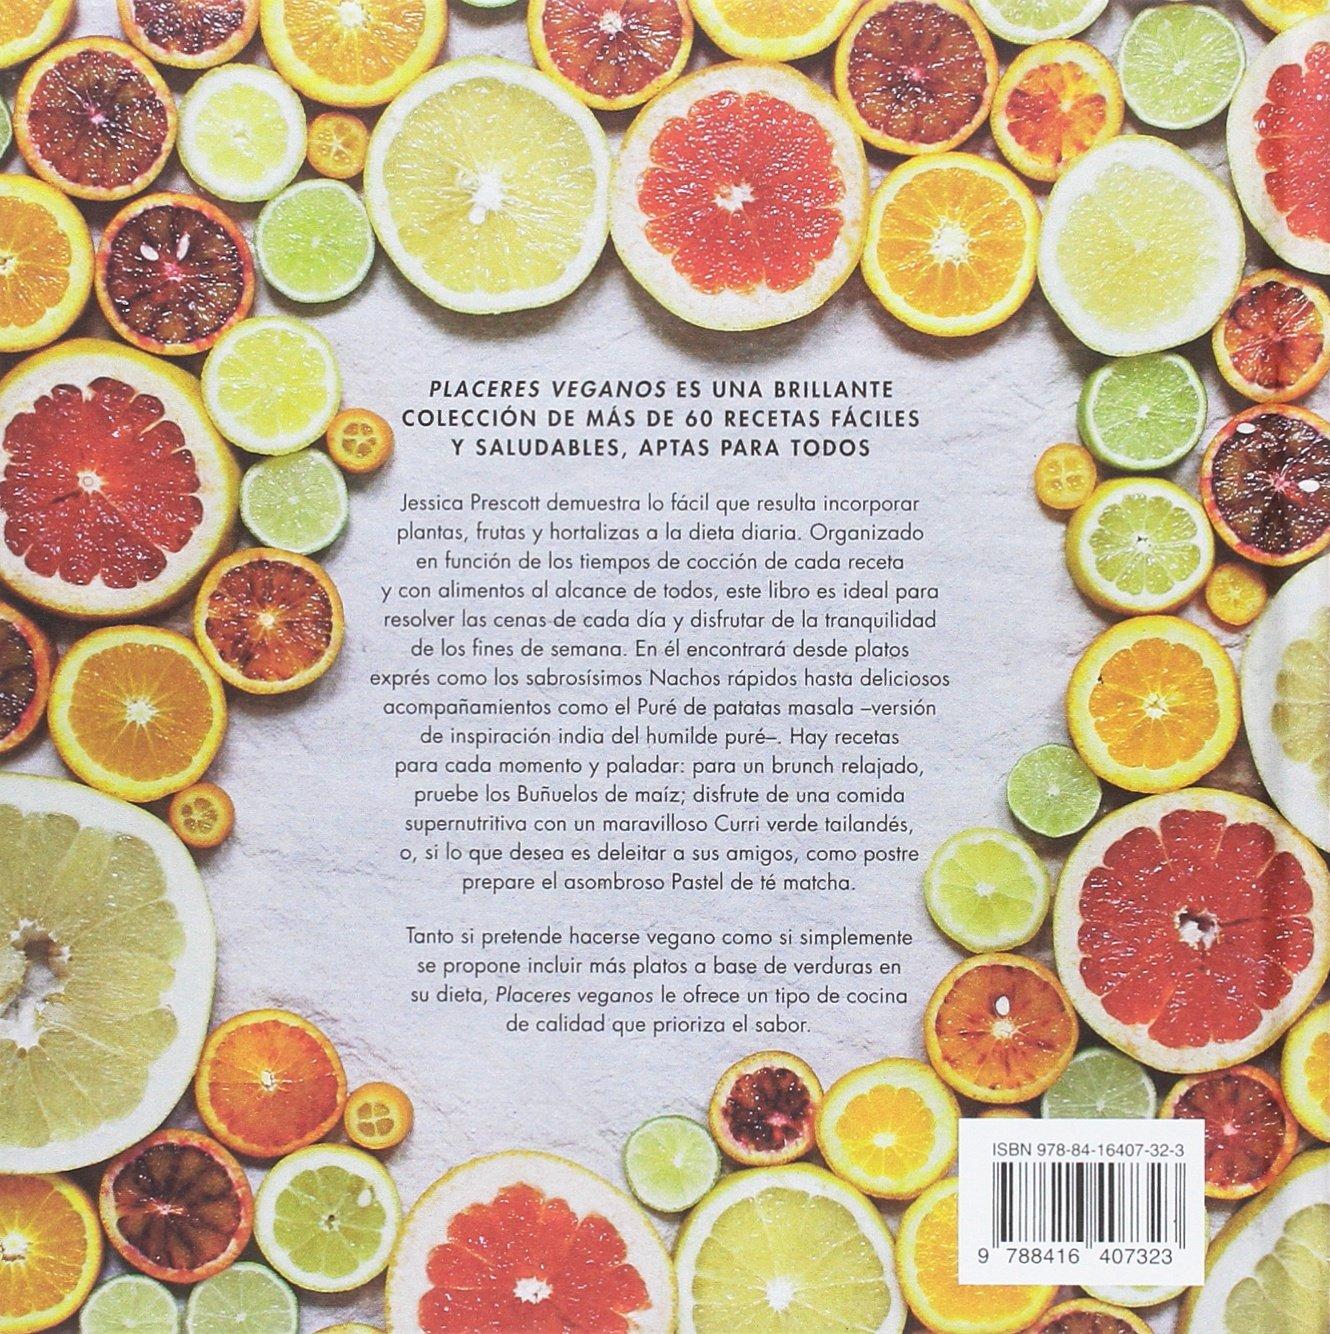 Placeres veganos: Deliciosas y sencillas recetas a base de productos vegetales (Spanish Edition): Jessica Prescott: 9788416407323: Amazon.com: Books